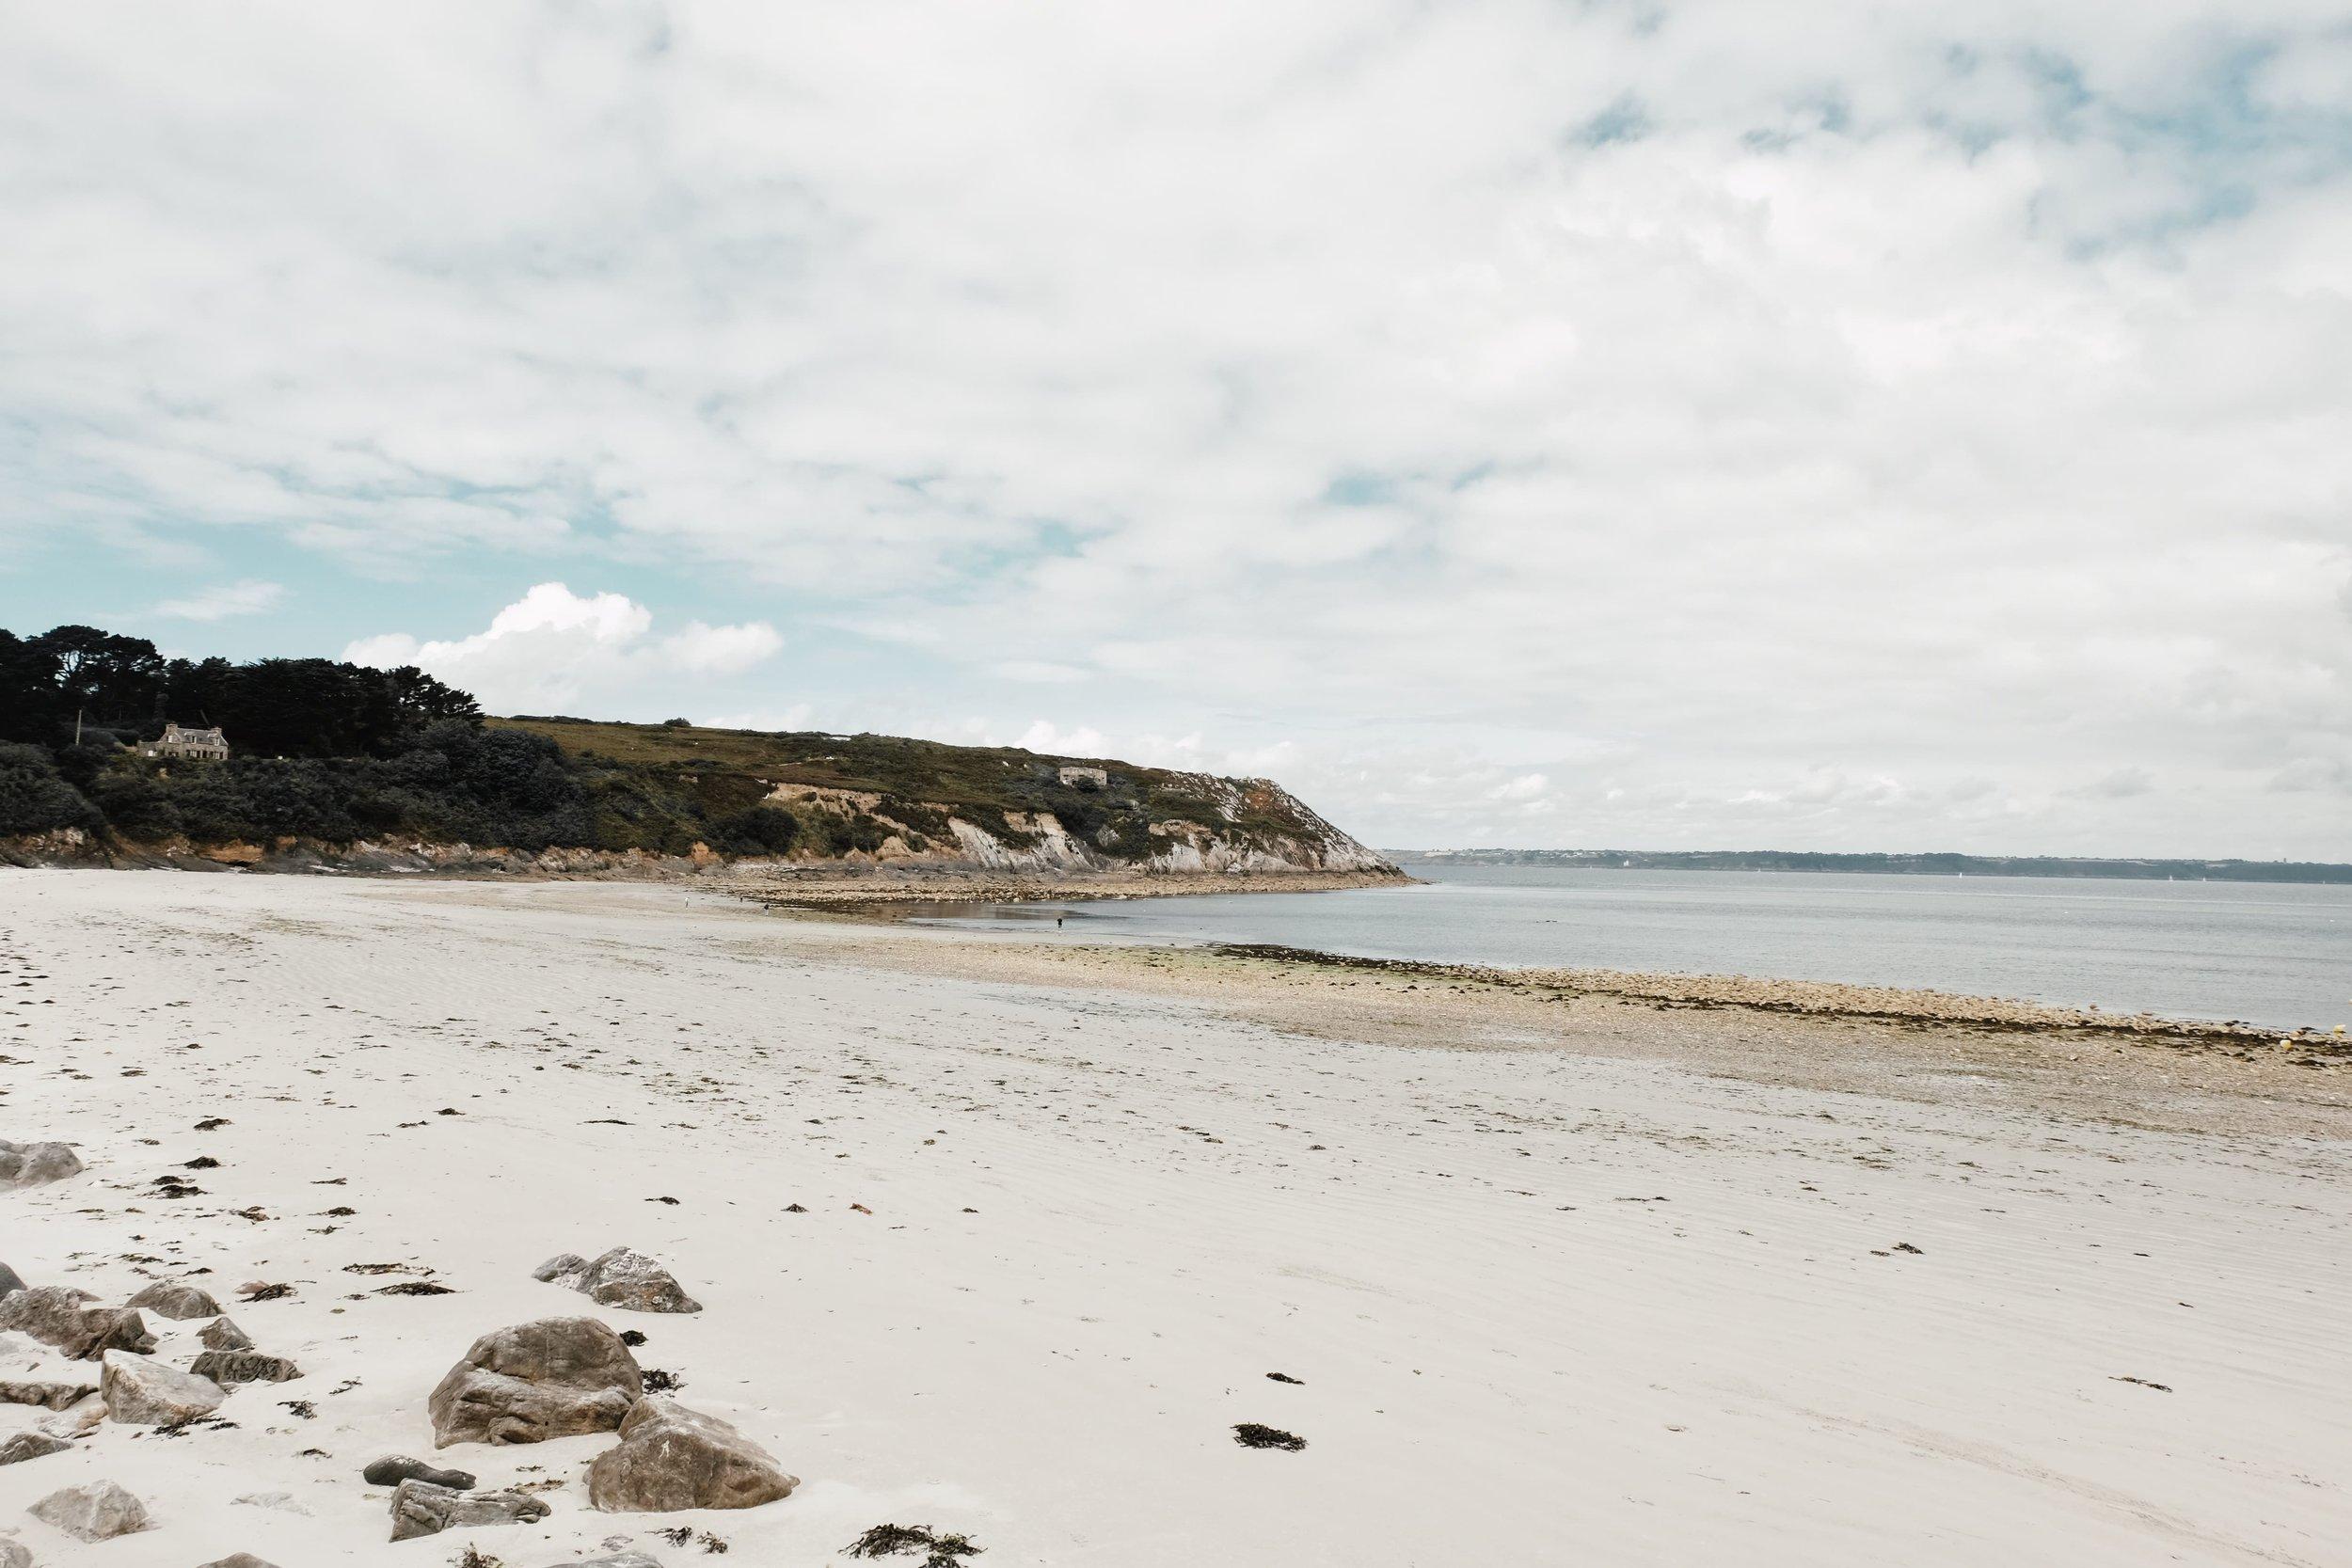 Carnet Sauvage - blog voyage Lille - visiter la Bretagne - presqu'ile de Crozon - Camaret sur mer 17.jpg